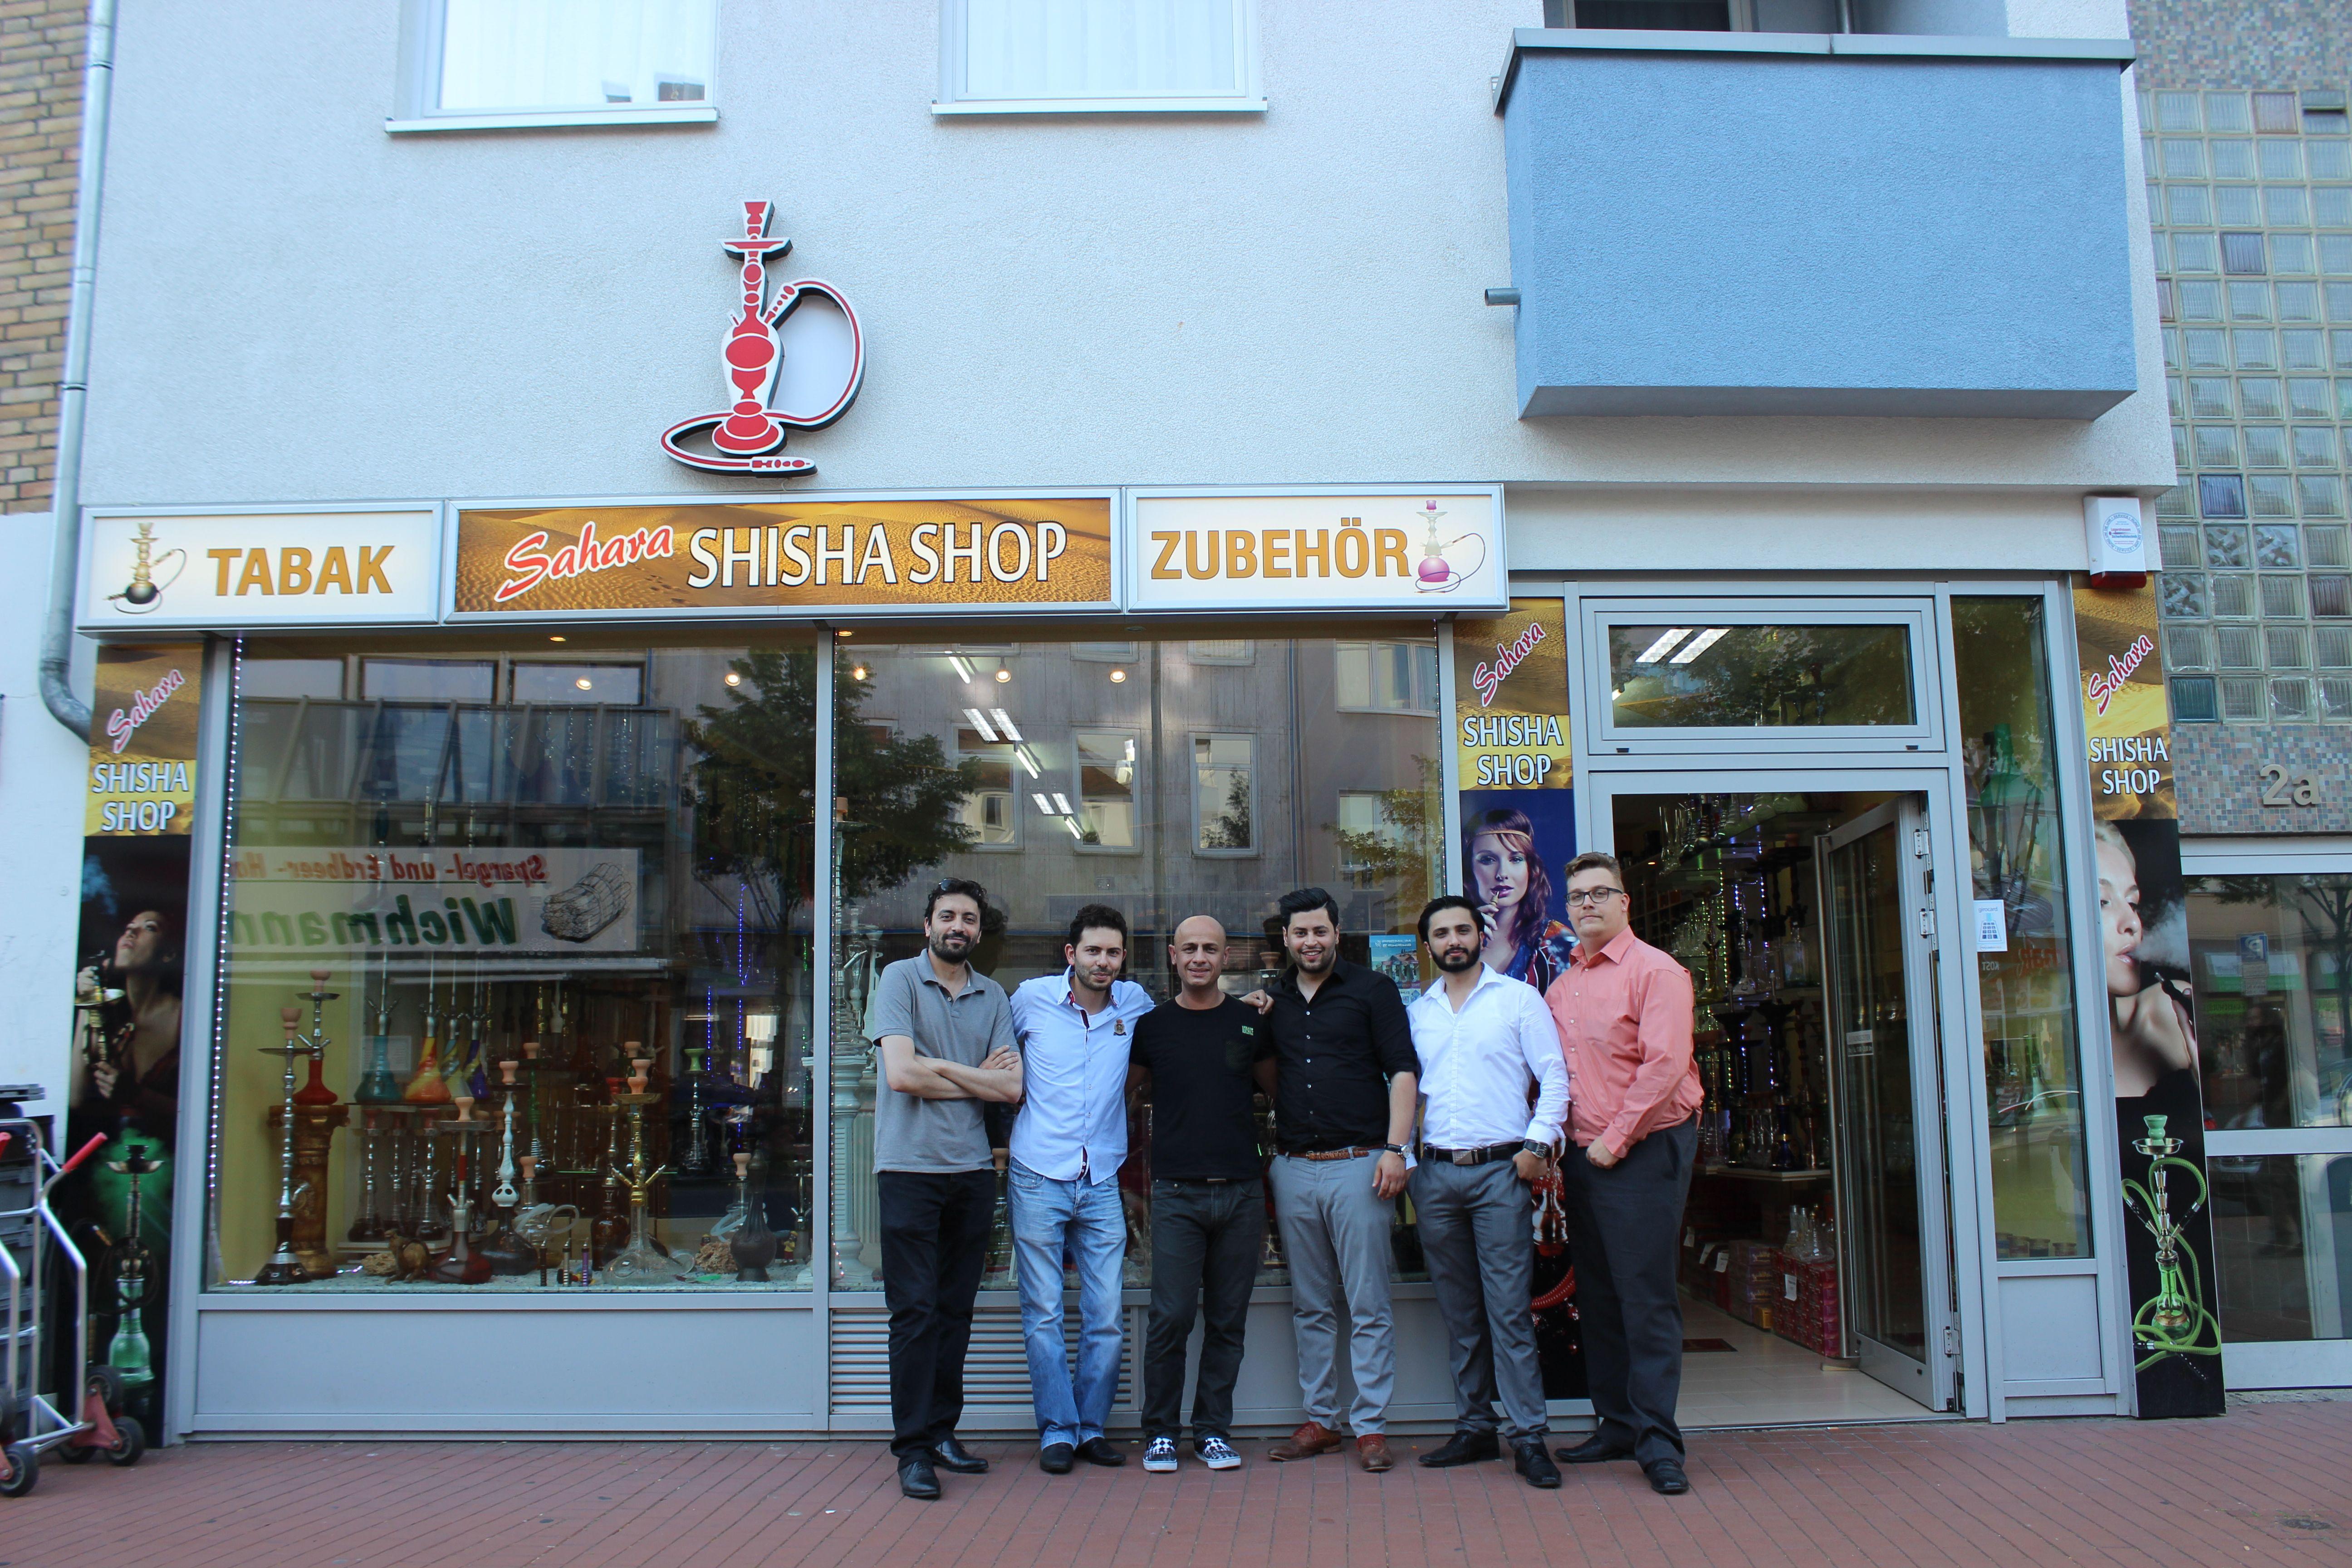 :) Sahara Shisha Shop :) www.sahara-shisha.com :) - - - http://www.sahara-shisha.com/tabak/milano/ - - - http://www.sahara-shisha.com/tabak/golden-pipe/  Im Rahmen des Proberauchens hatten wir einen spontan Besuch von den Chefs von MILANO Shisha Tobacco und von Golden Pipe Tobacco. Unsere Kunden hatten die Chance einmal direkt mit den Machern von Golden Pipe und Milano zu sprechen und viele Interessante Informationen über deren Tabak zu erhalten.  Vielen Dank, dass uns besucht habt!  Hier…